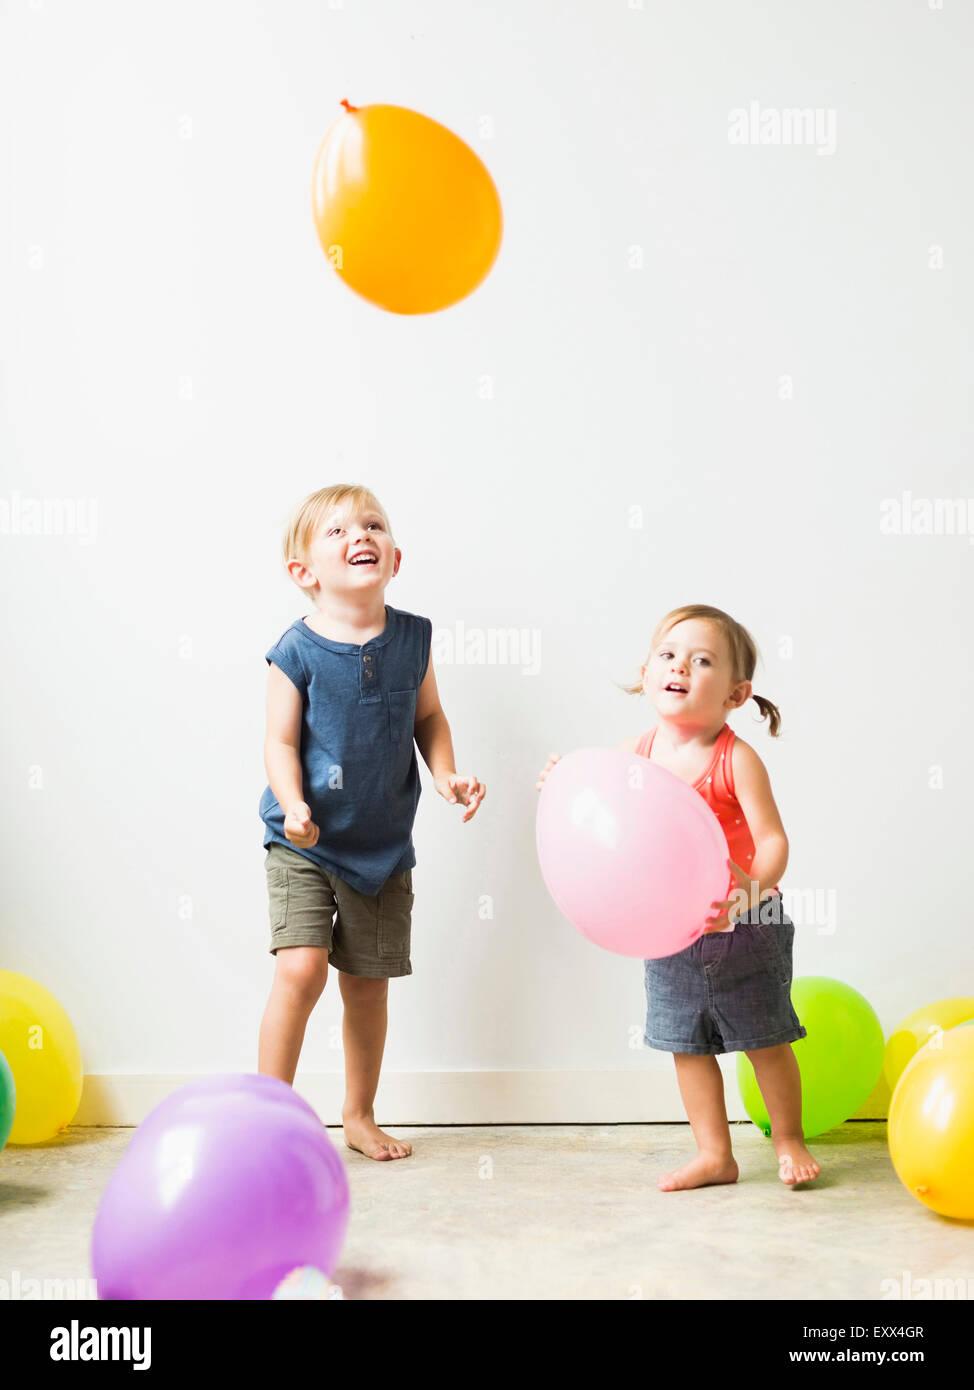 Enfants (2-3) en jouant avec des ballons Banque D'Images